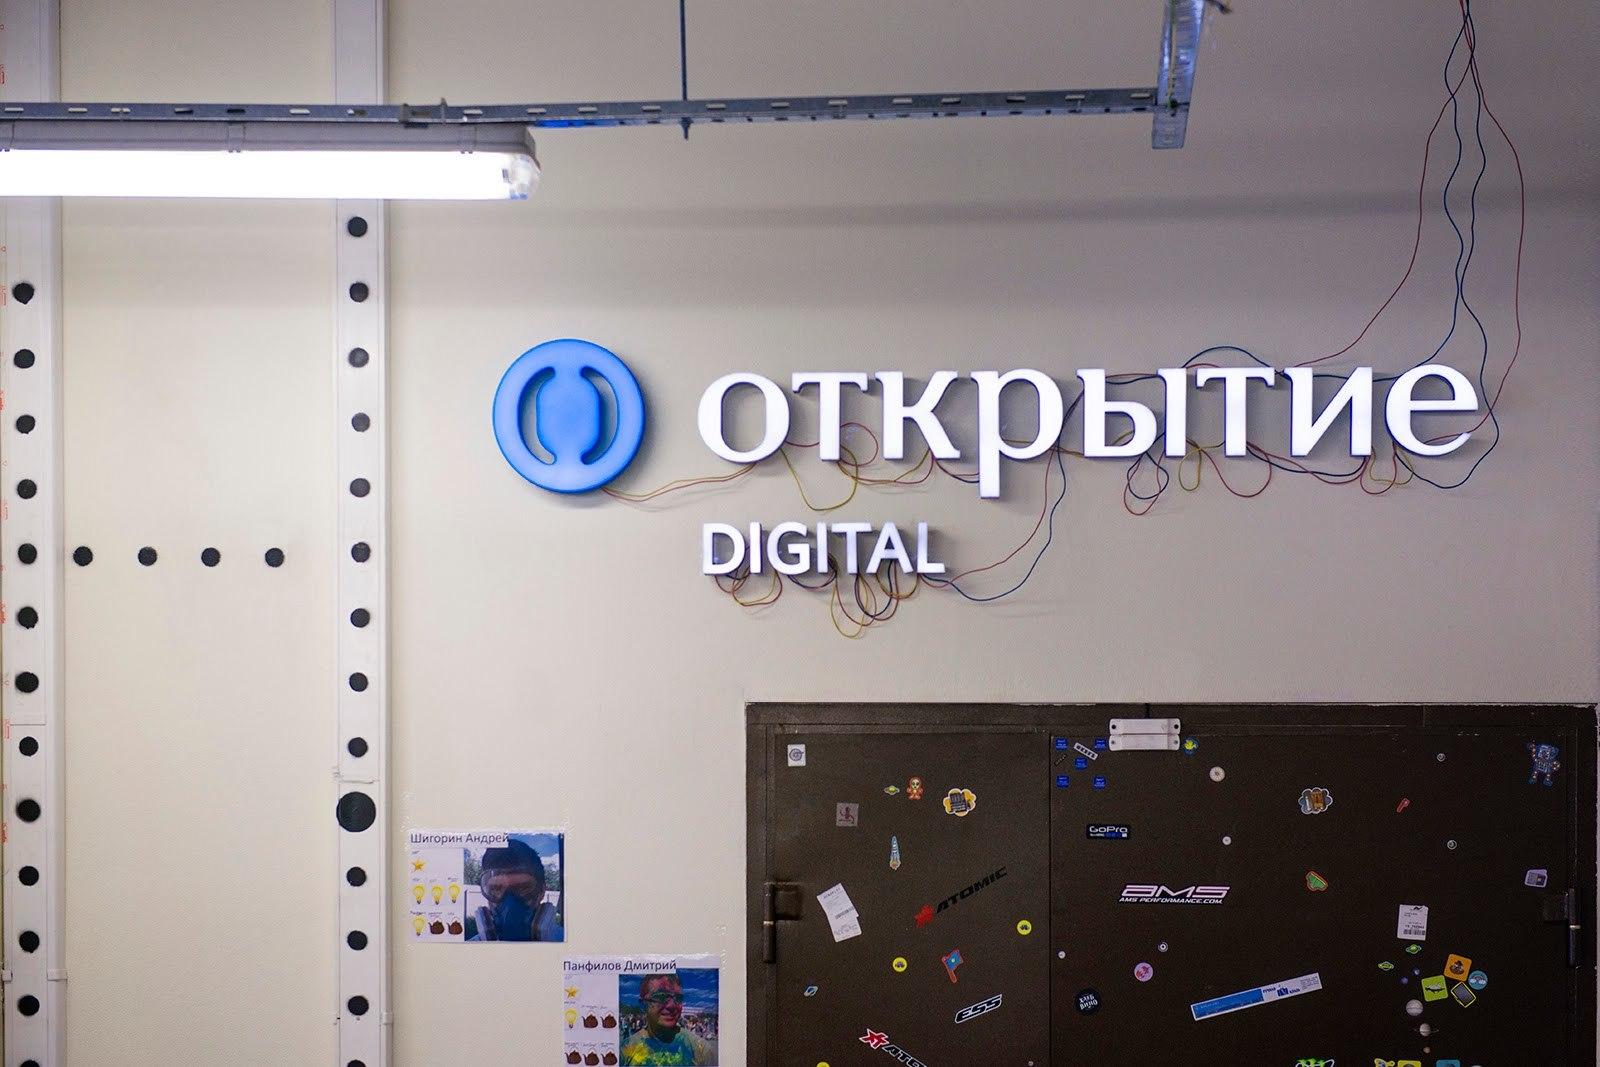 Развитие продукта: два года работы над мобильным приложением банка «Открытие» - 2